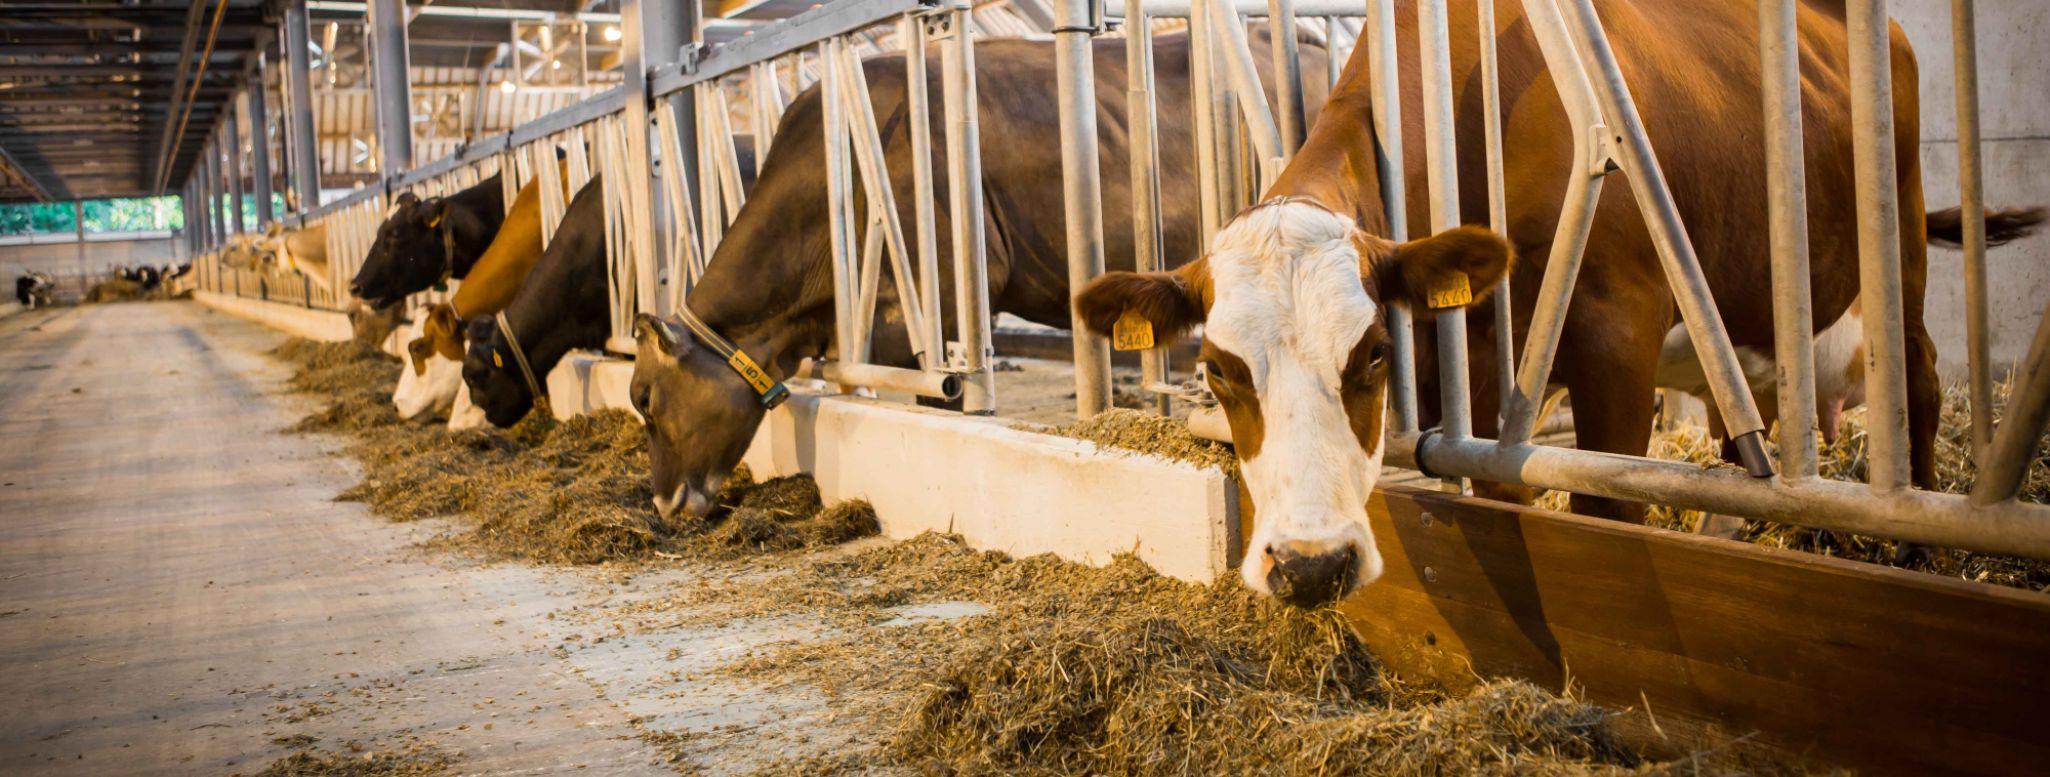 Vacas comiendo en el establo